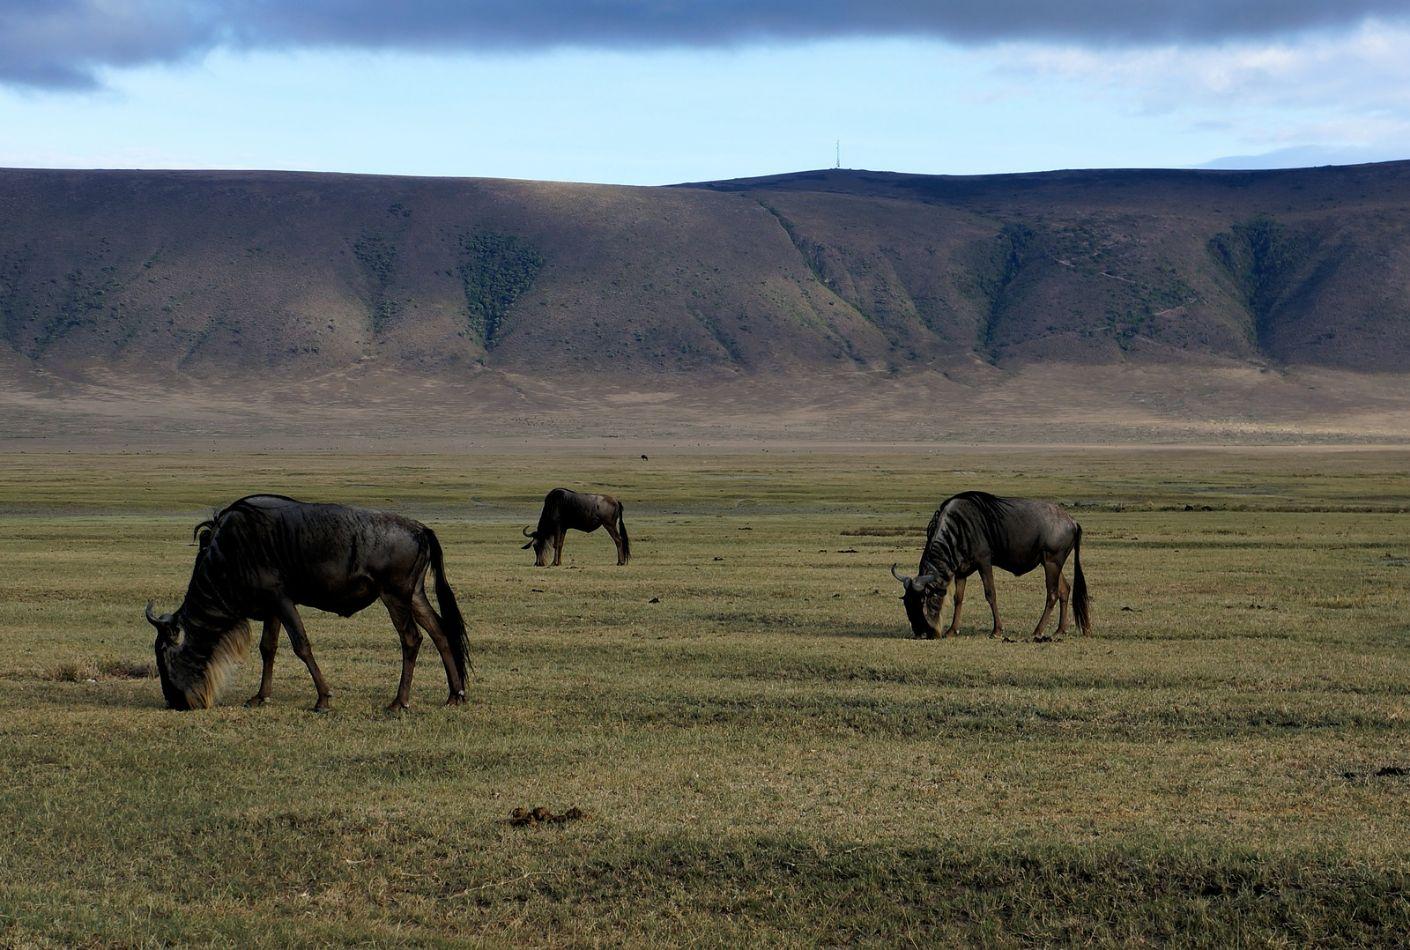 Ñus en Ngorongoro, Tanzania